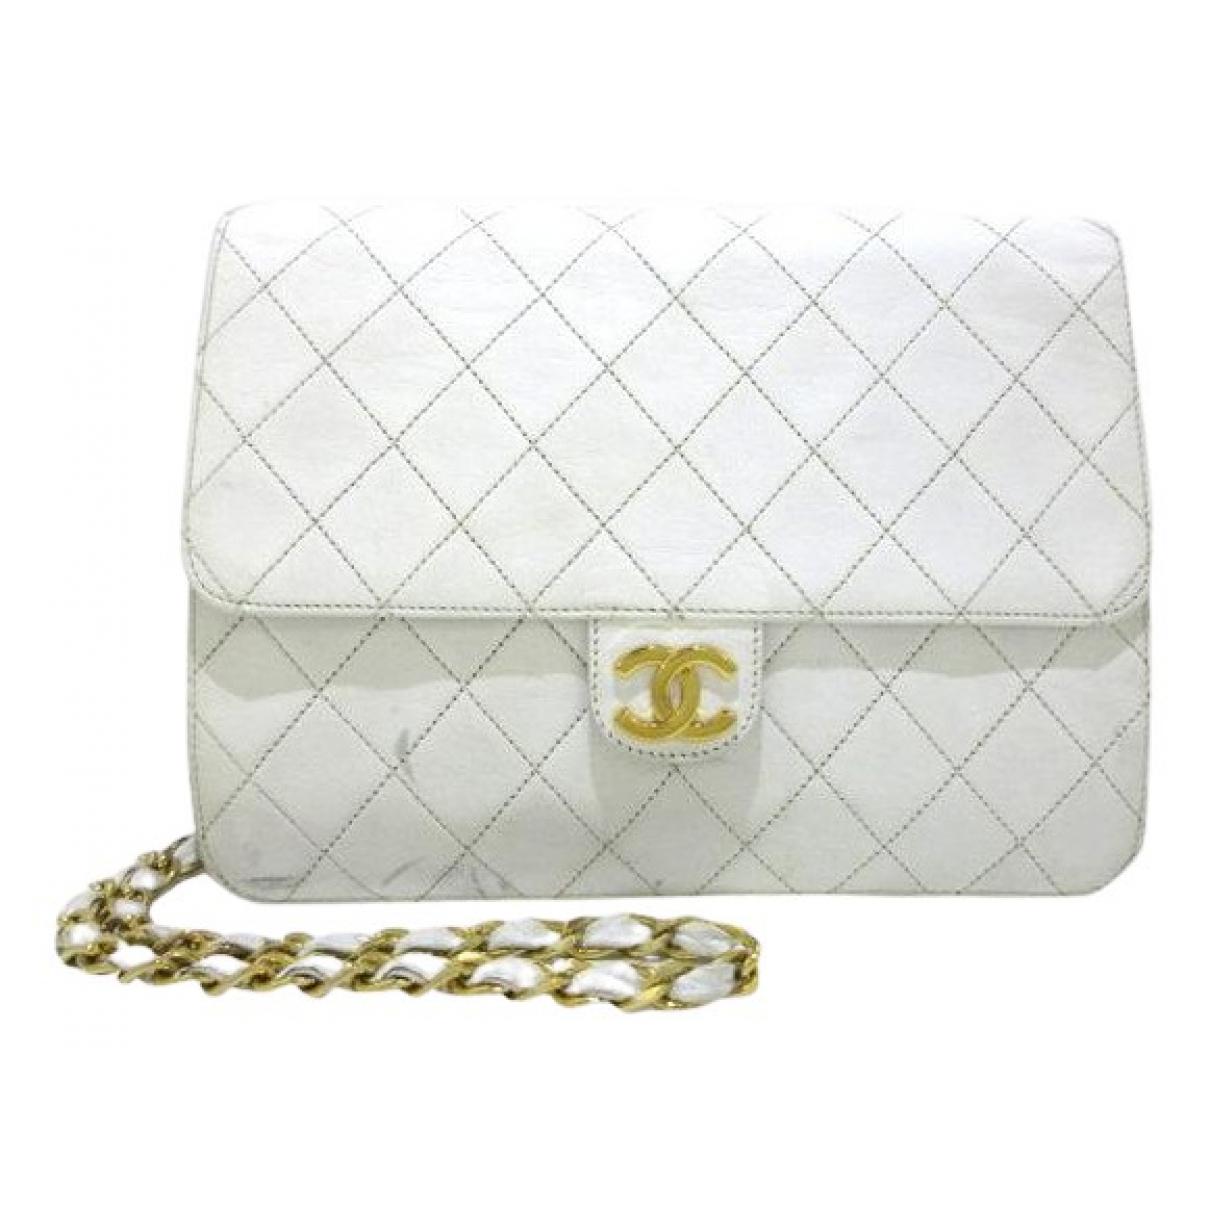 Chanel N White Leather handbag for Women N